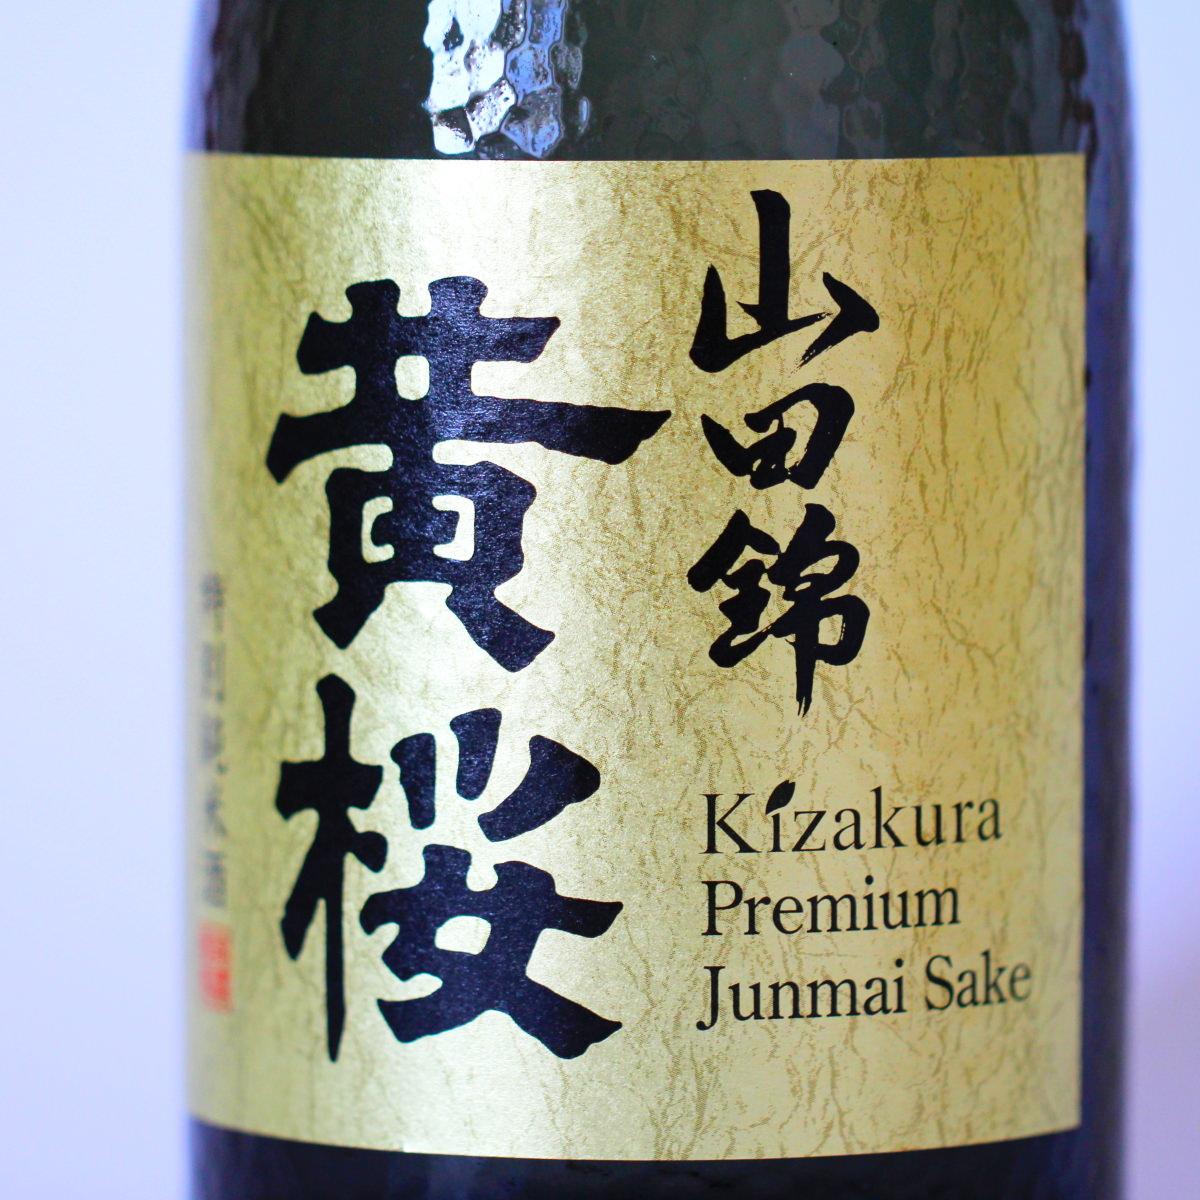 Premium Junmai Sake 720ml (Reiswein), KIZAKURA